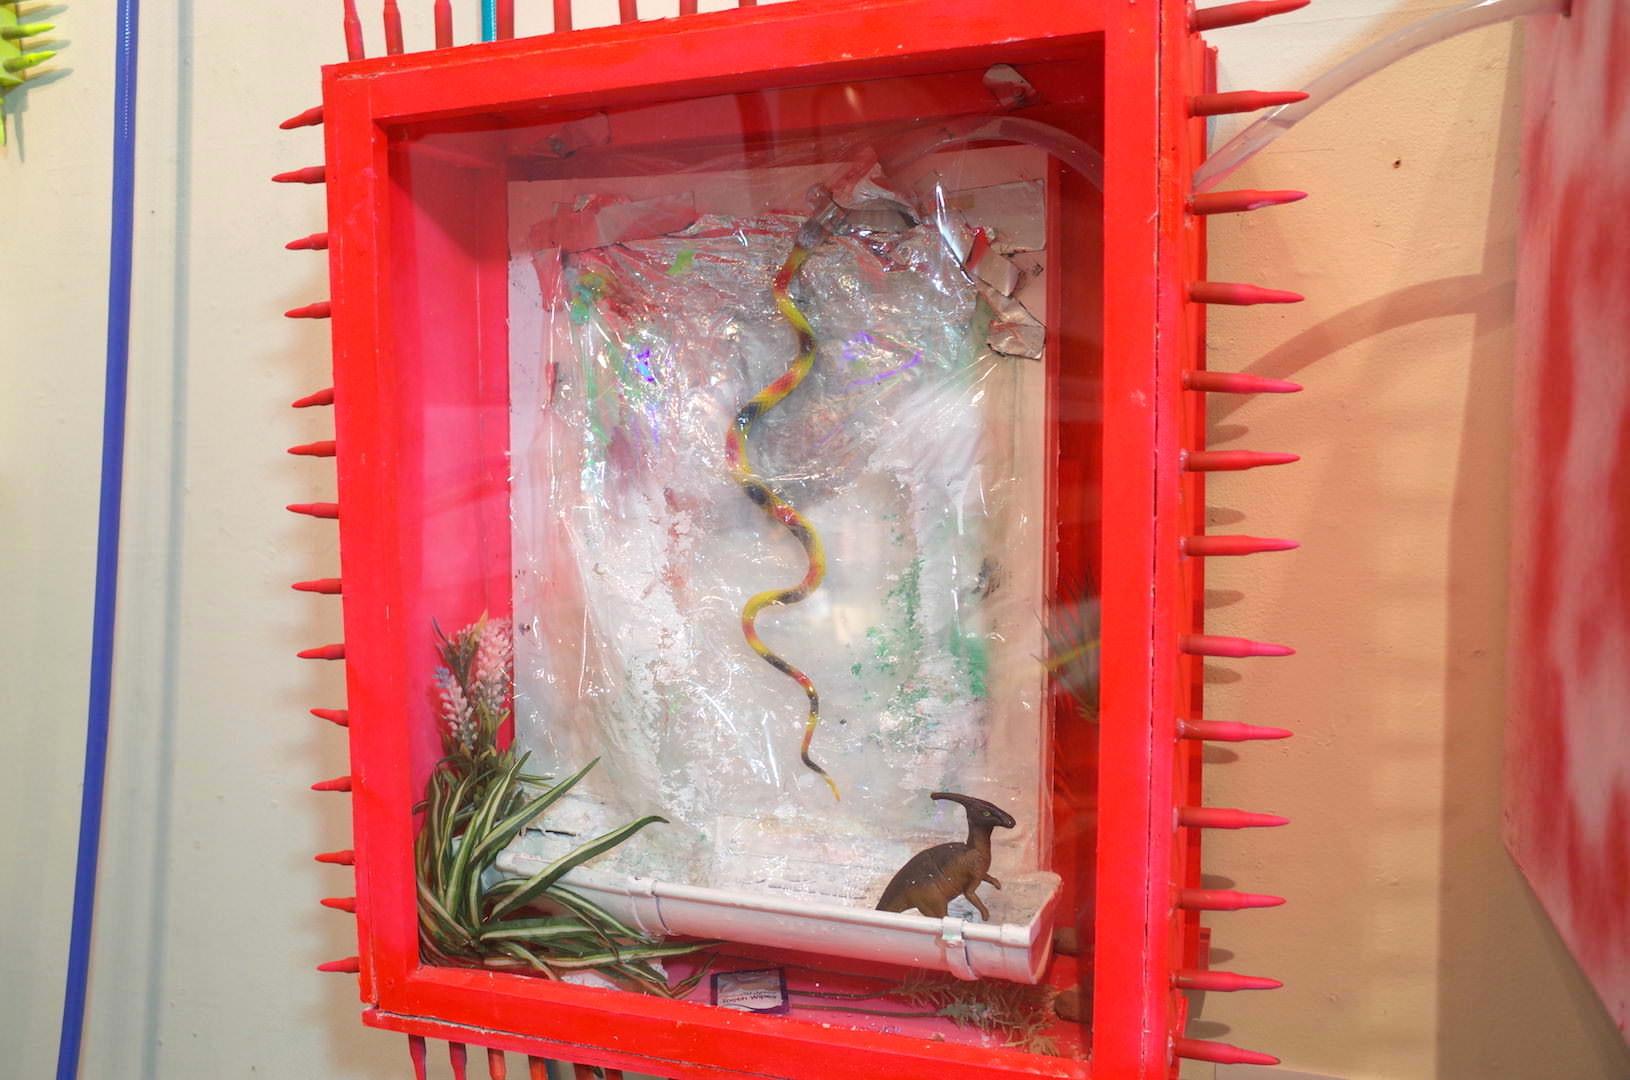 赤い箱庭のインスタレーション